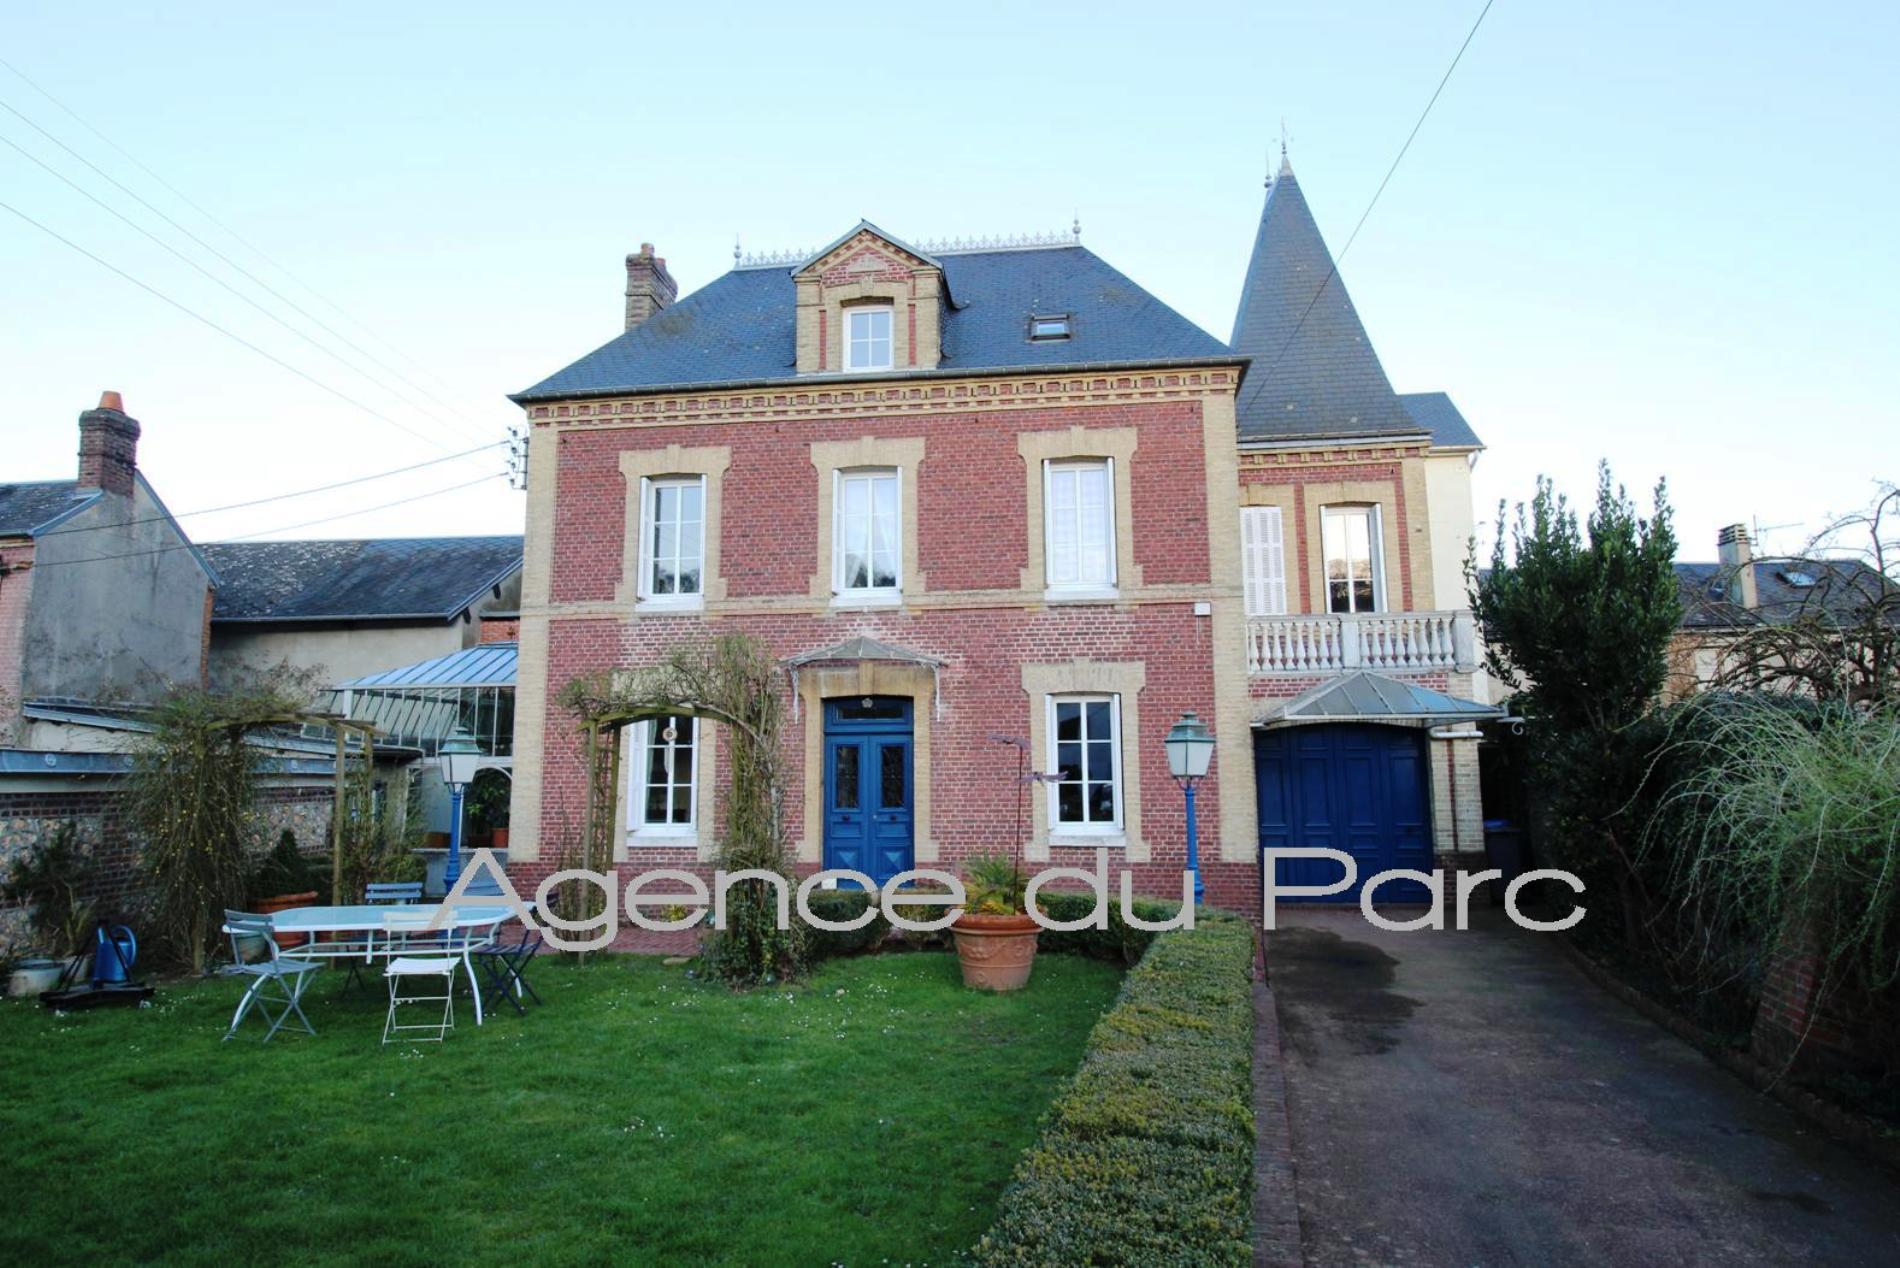 Acheter vente d 39 une maison bourgeoise pleine de charme for Acheter des maison